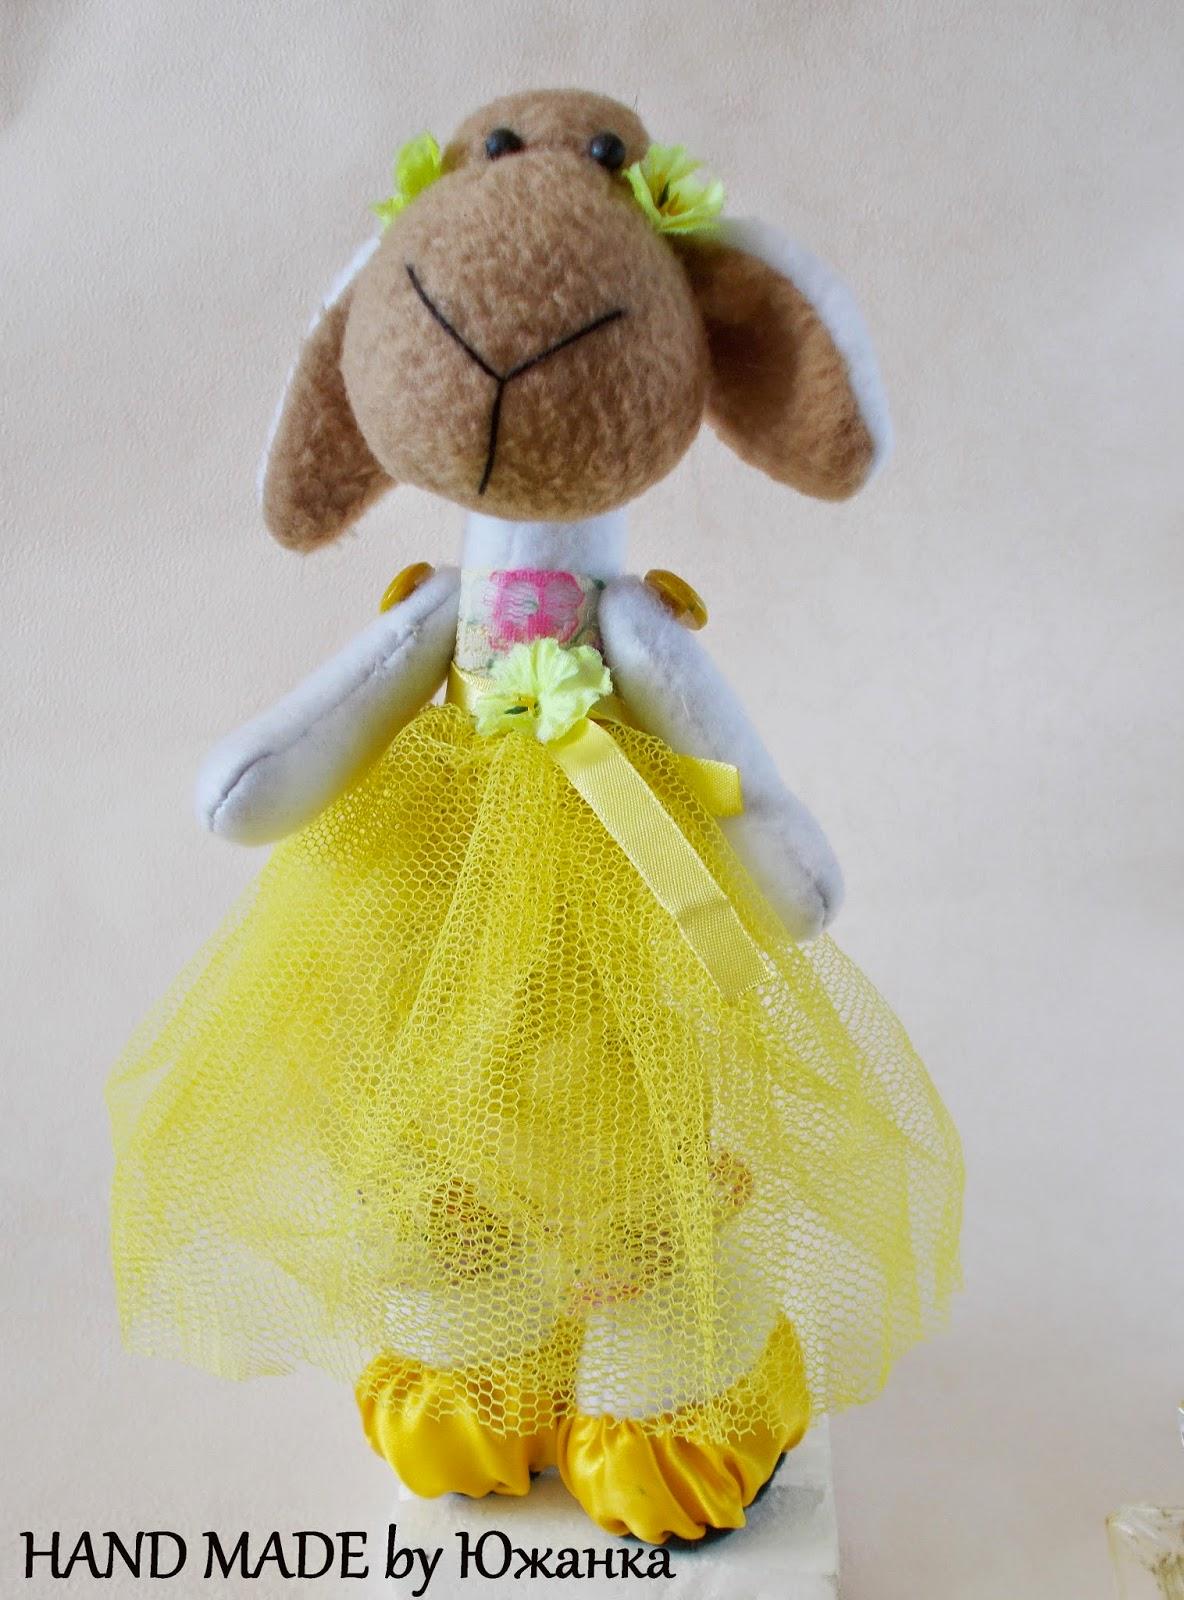 овца мягкая игрушка в жёлтом платье